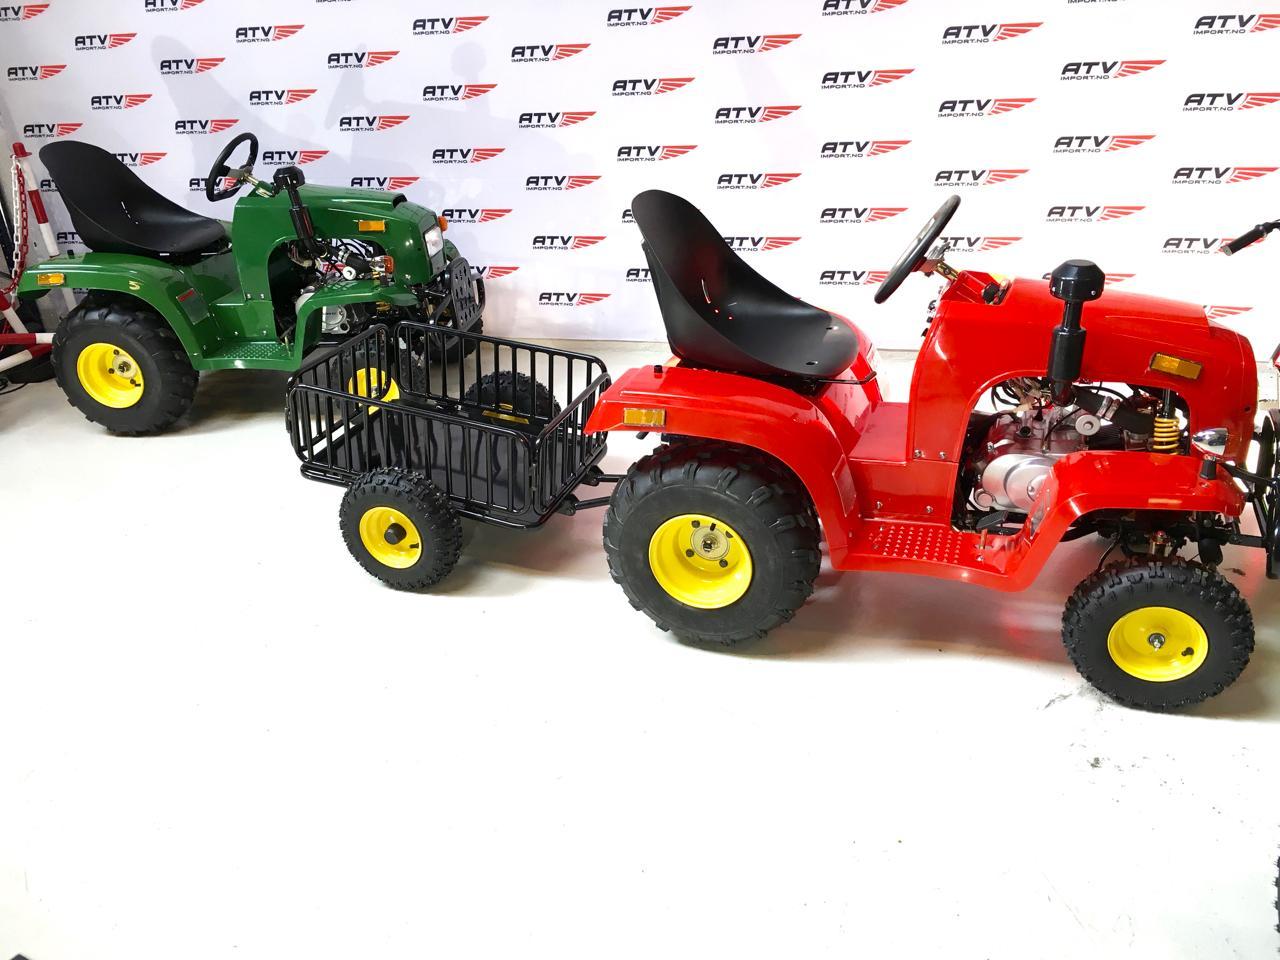 110cc MiniTraktor med henger i grønn eller rød